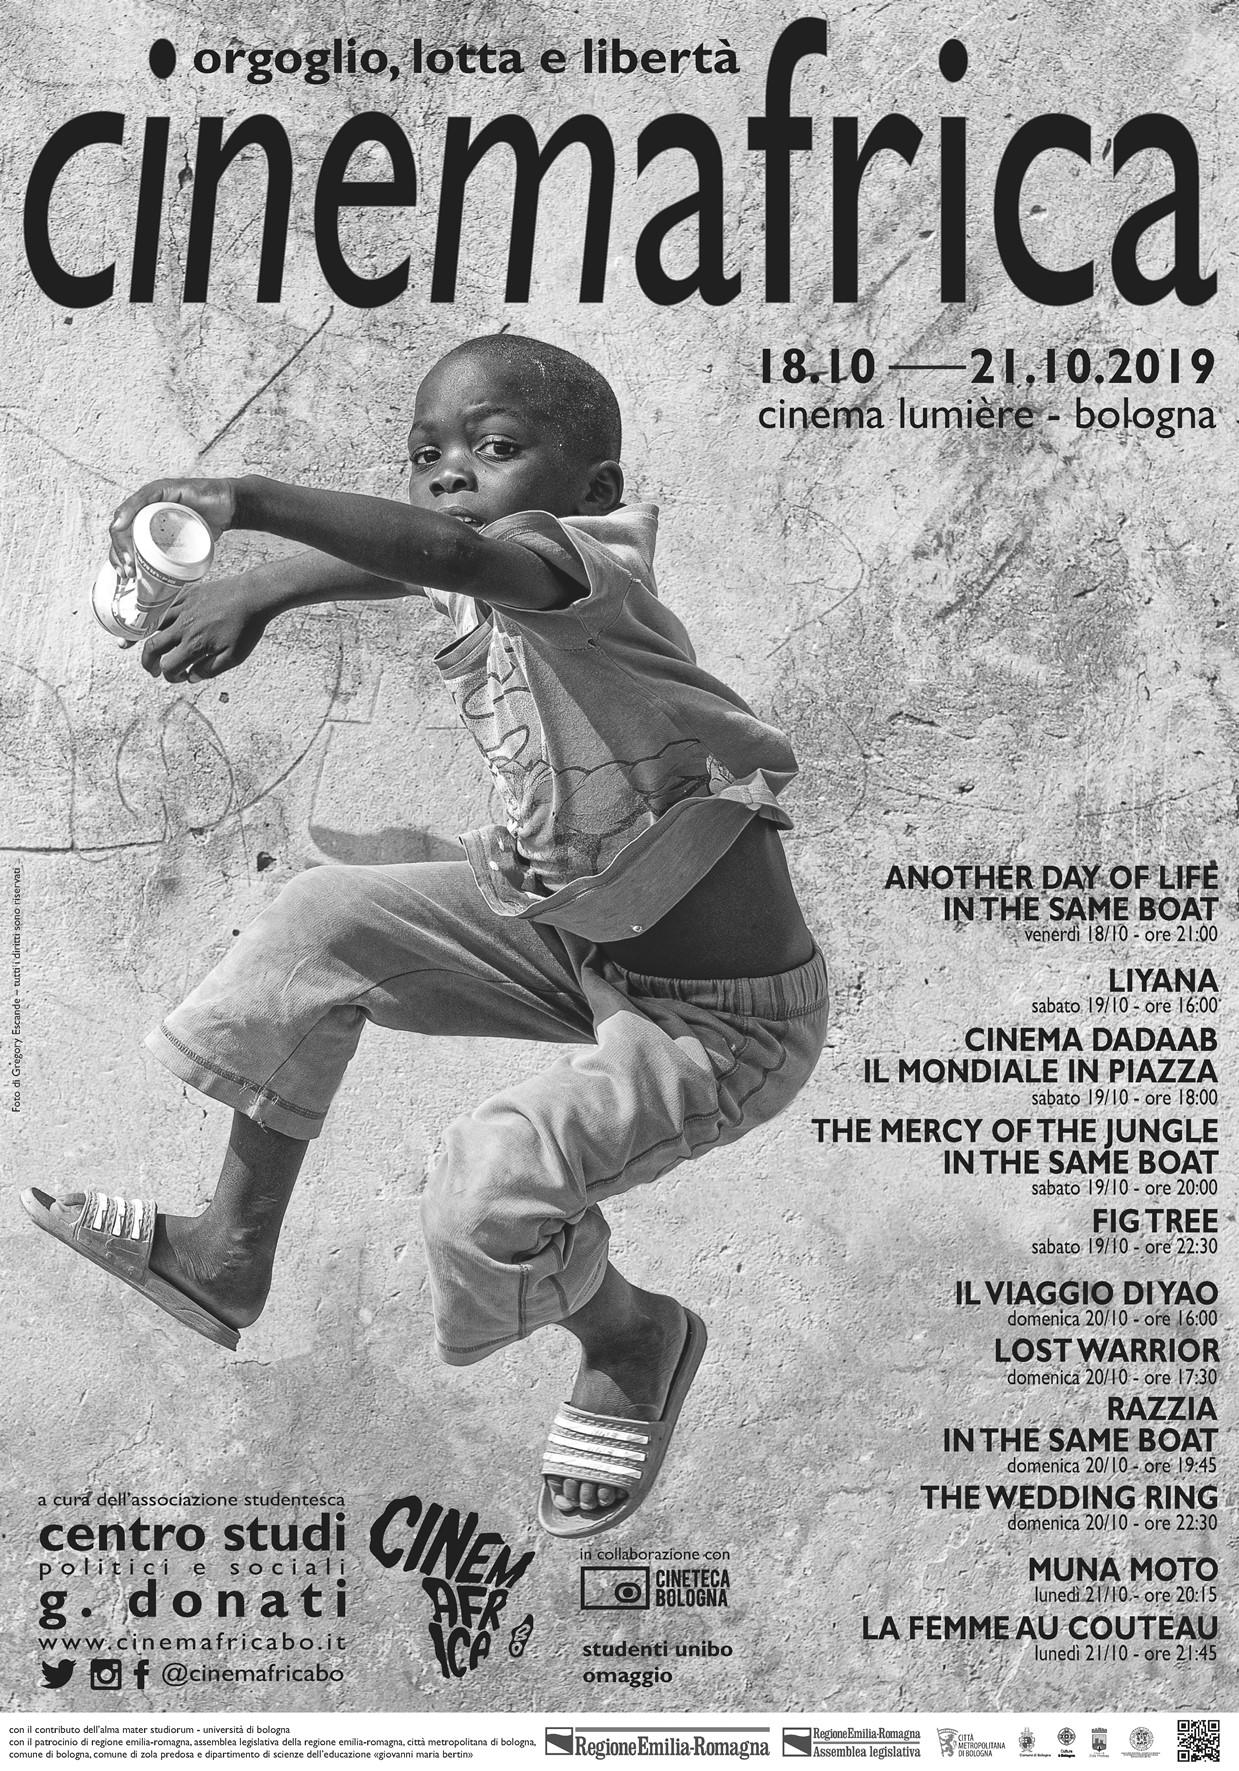 CinemAfrica: Orgoglio, lotta e libertà